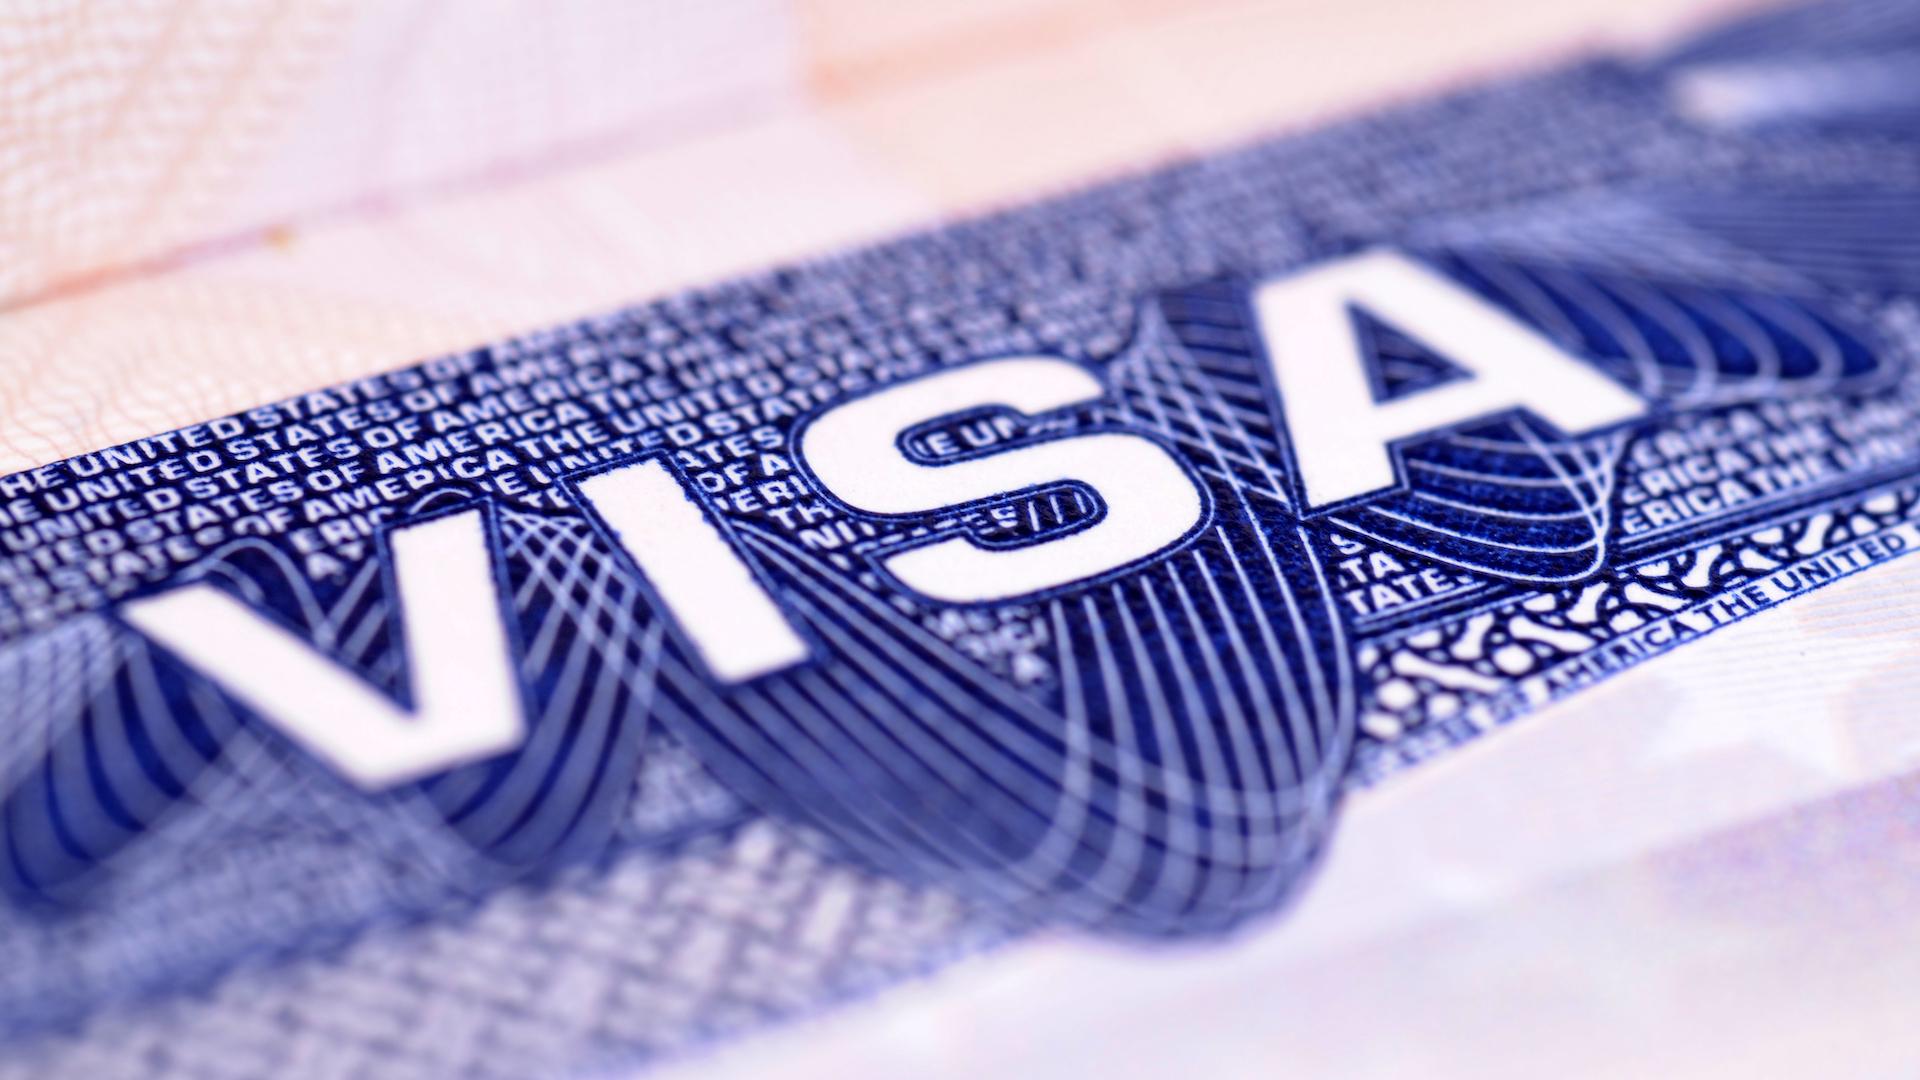 Resultados de los ganadores de la lotería de visa 2022 de Estados Unidos